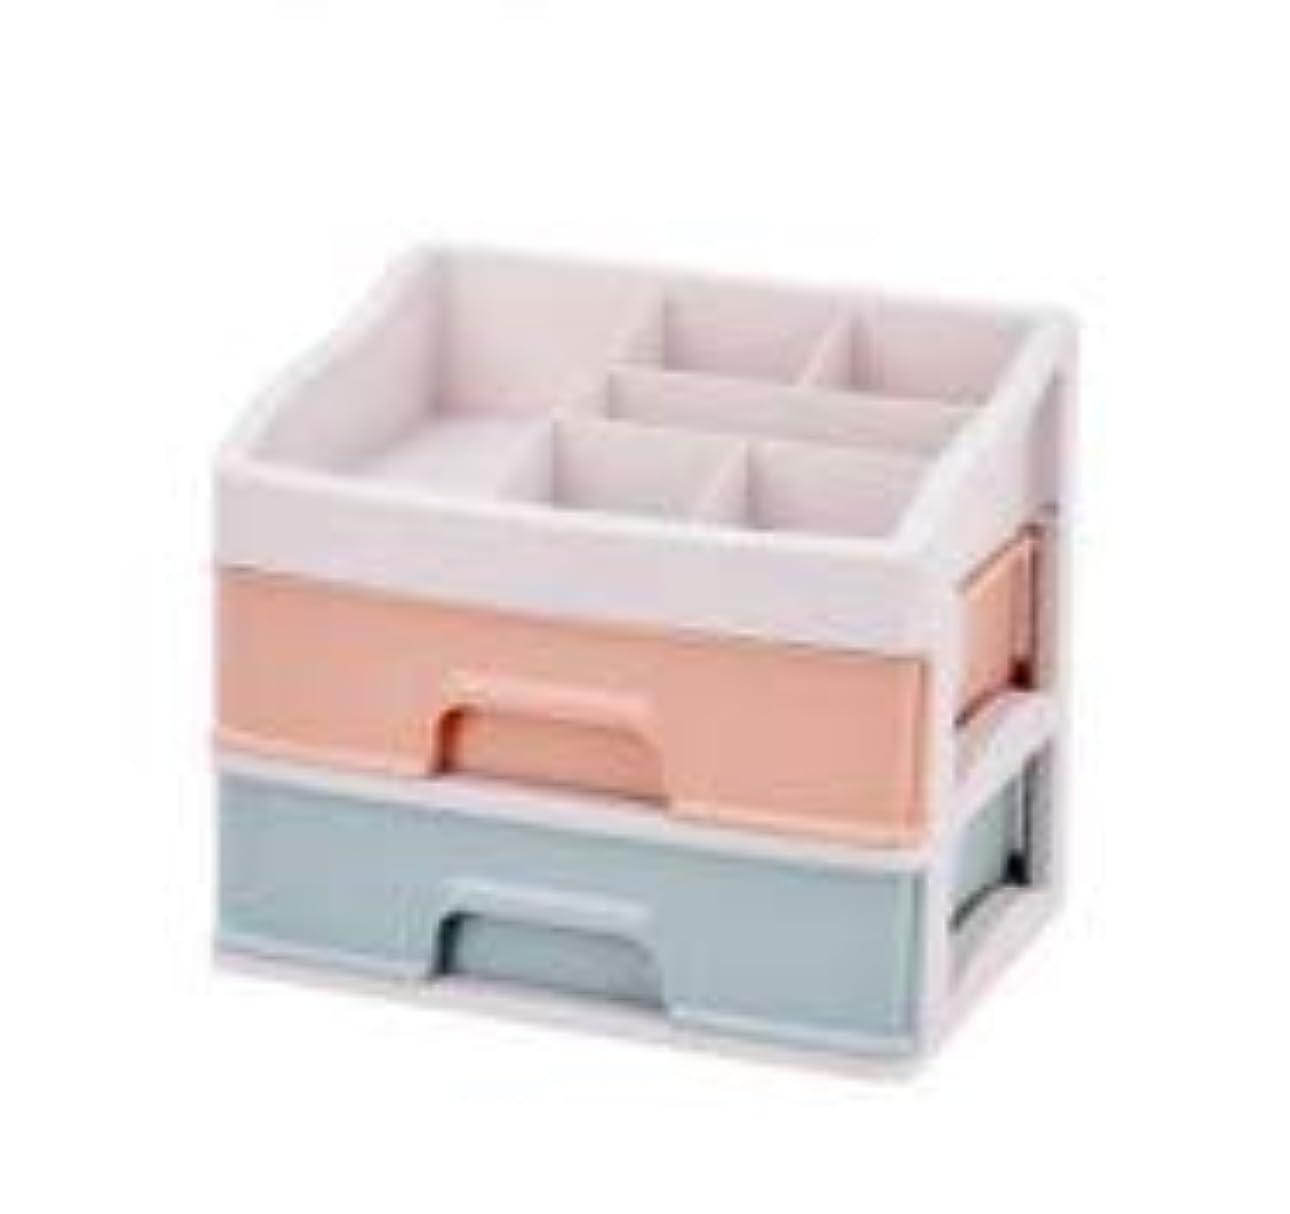 アーチ不名誉な南アメリカ化粧品収納ボックス引き出しデスクトップ収納ラック化粧台化粧品ケーススキンケア製品 (Size : M)